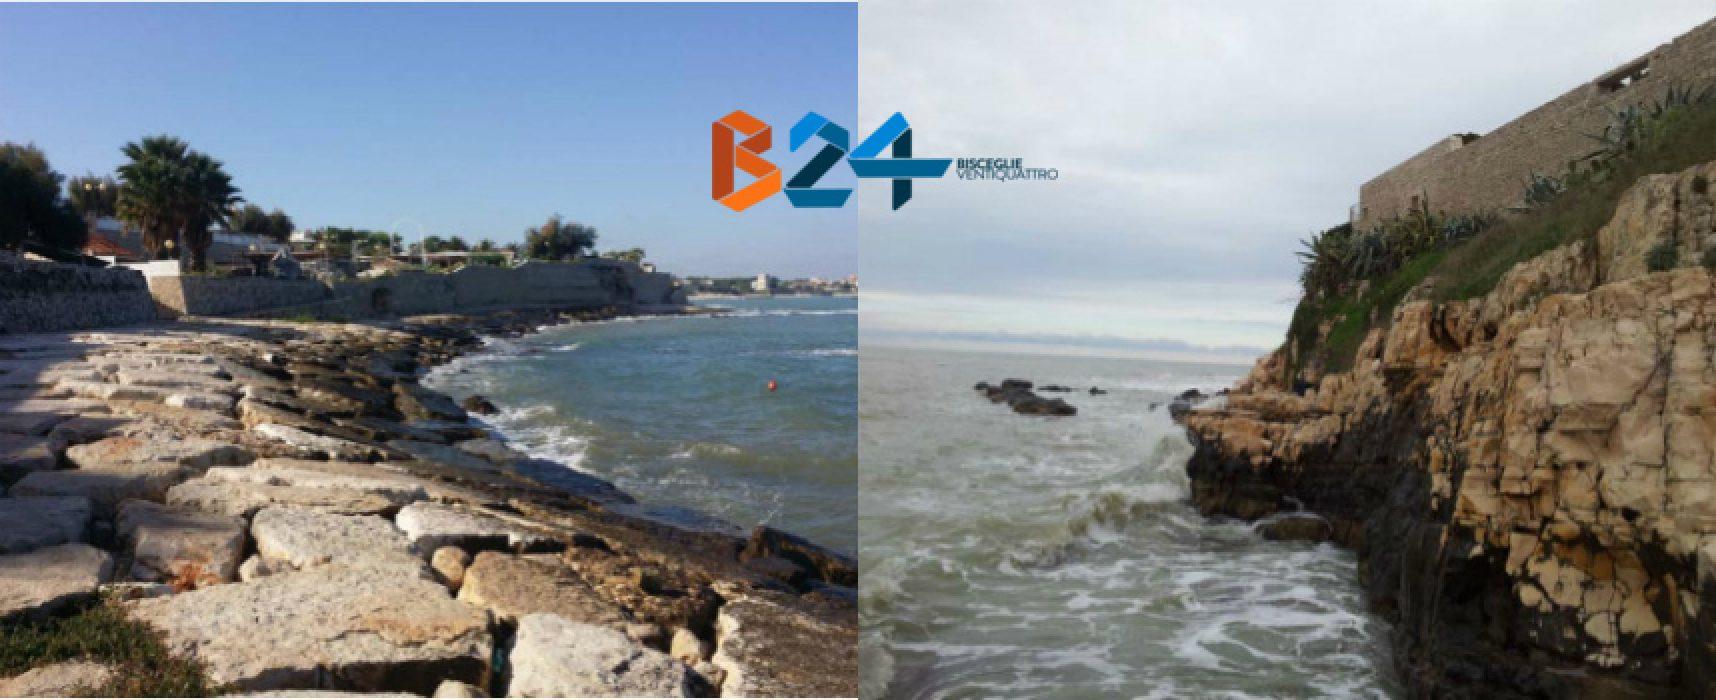 Appalto riqualificazione spiaggia Trullo verde, due ditte fanno ricorso al Tar